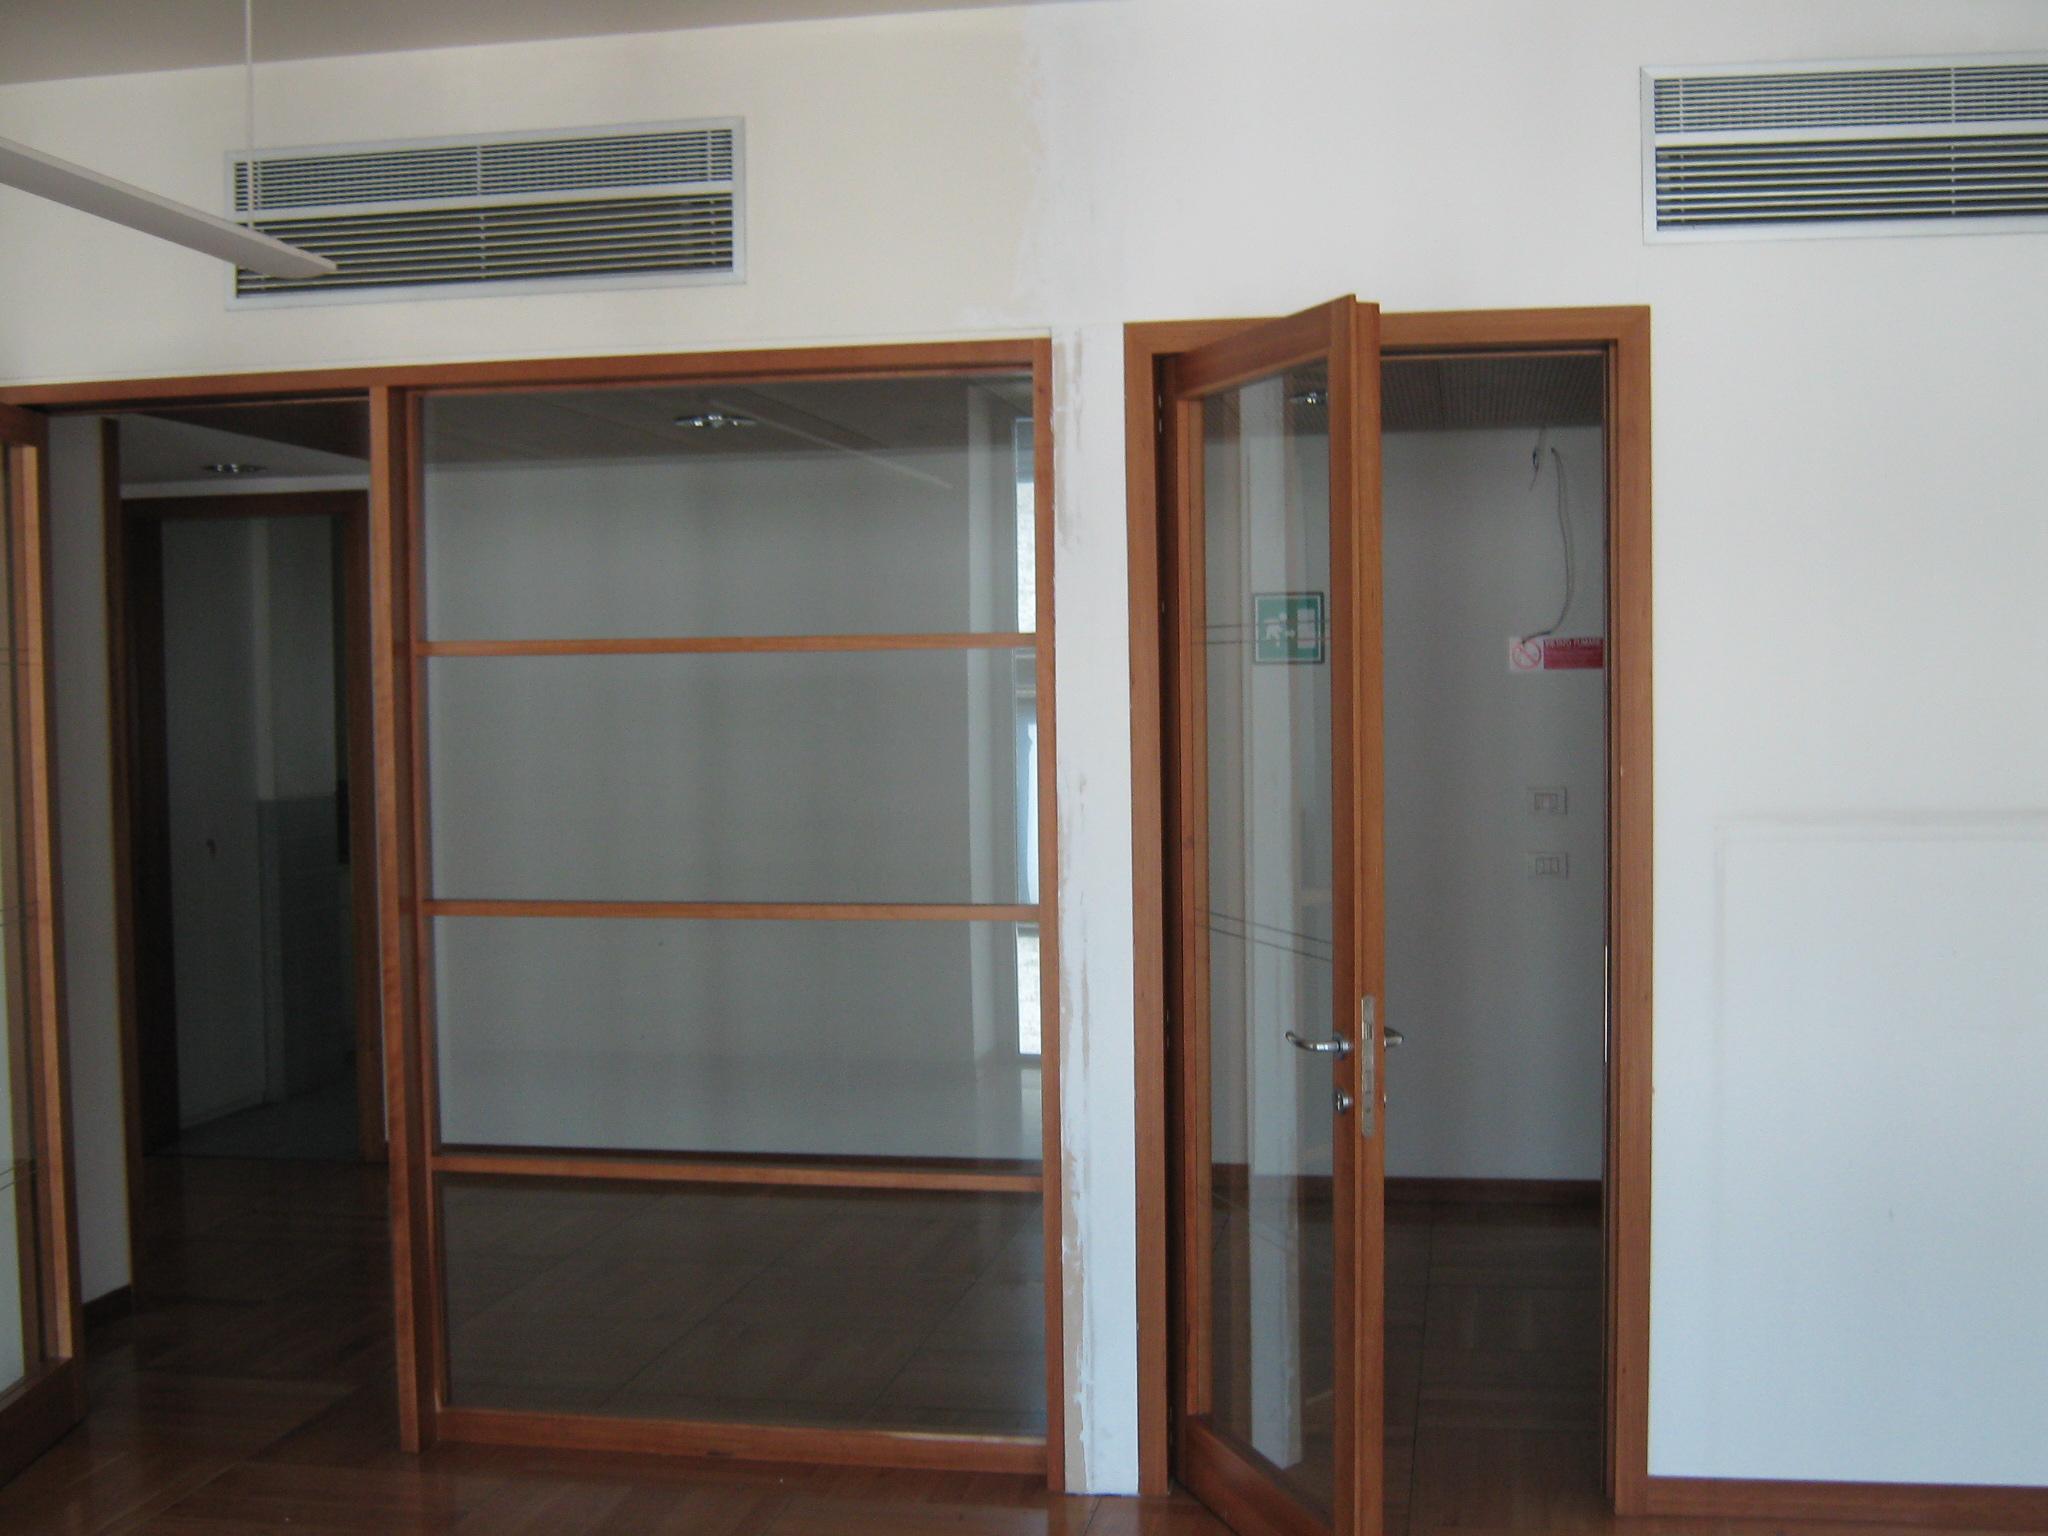 12. Disposizione a parete di impianto di condizionamento su tramezzo in muratura: stato di fatto.